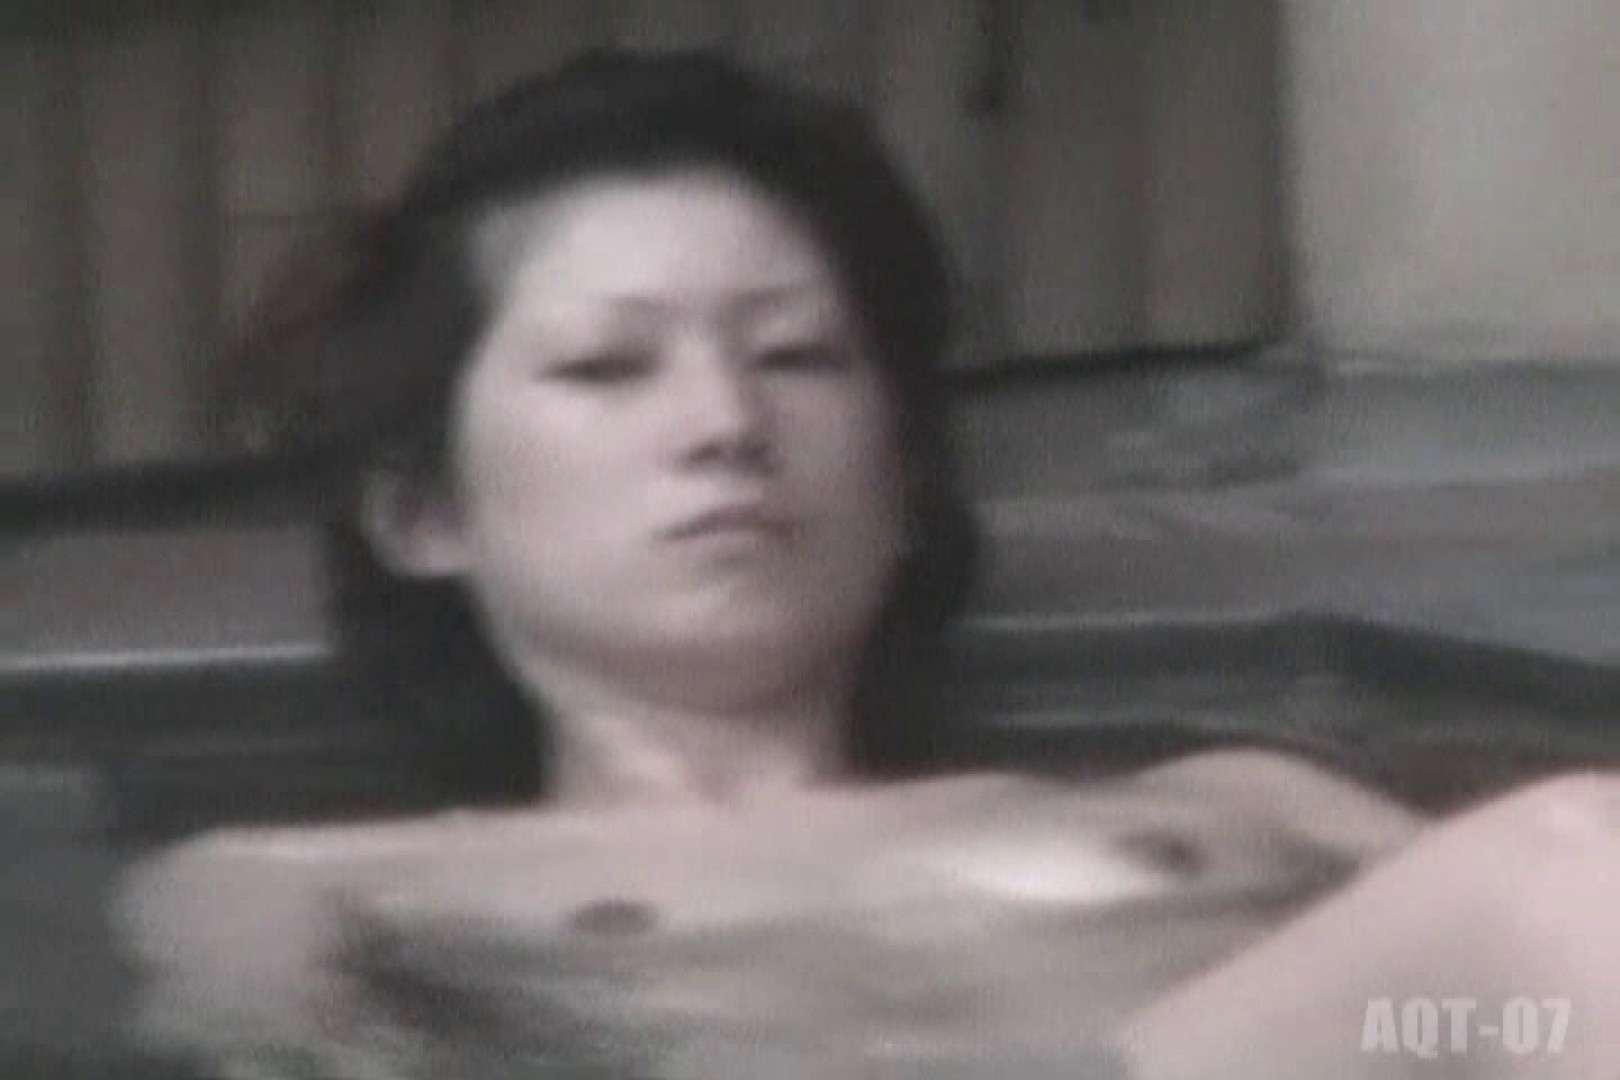 Aquaな露天風呂Vol.766 OLエロ画像 | 盗撮  105PICs 19